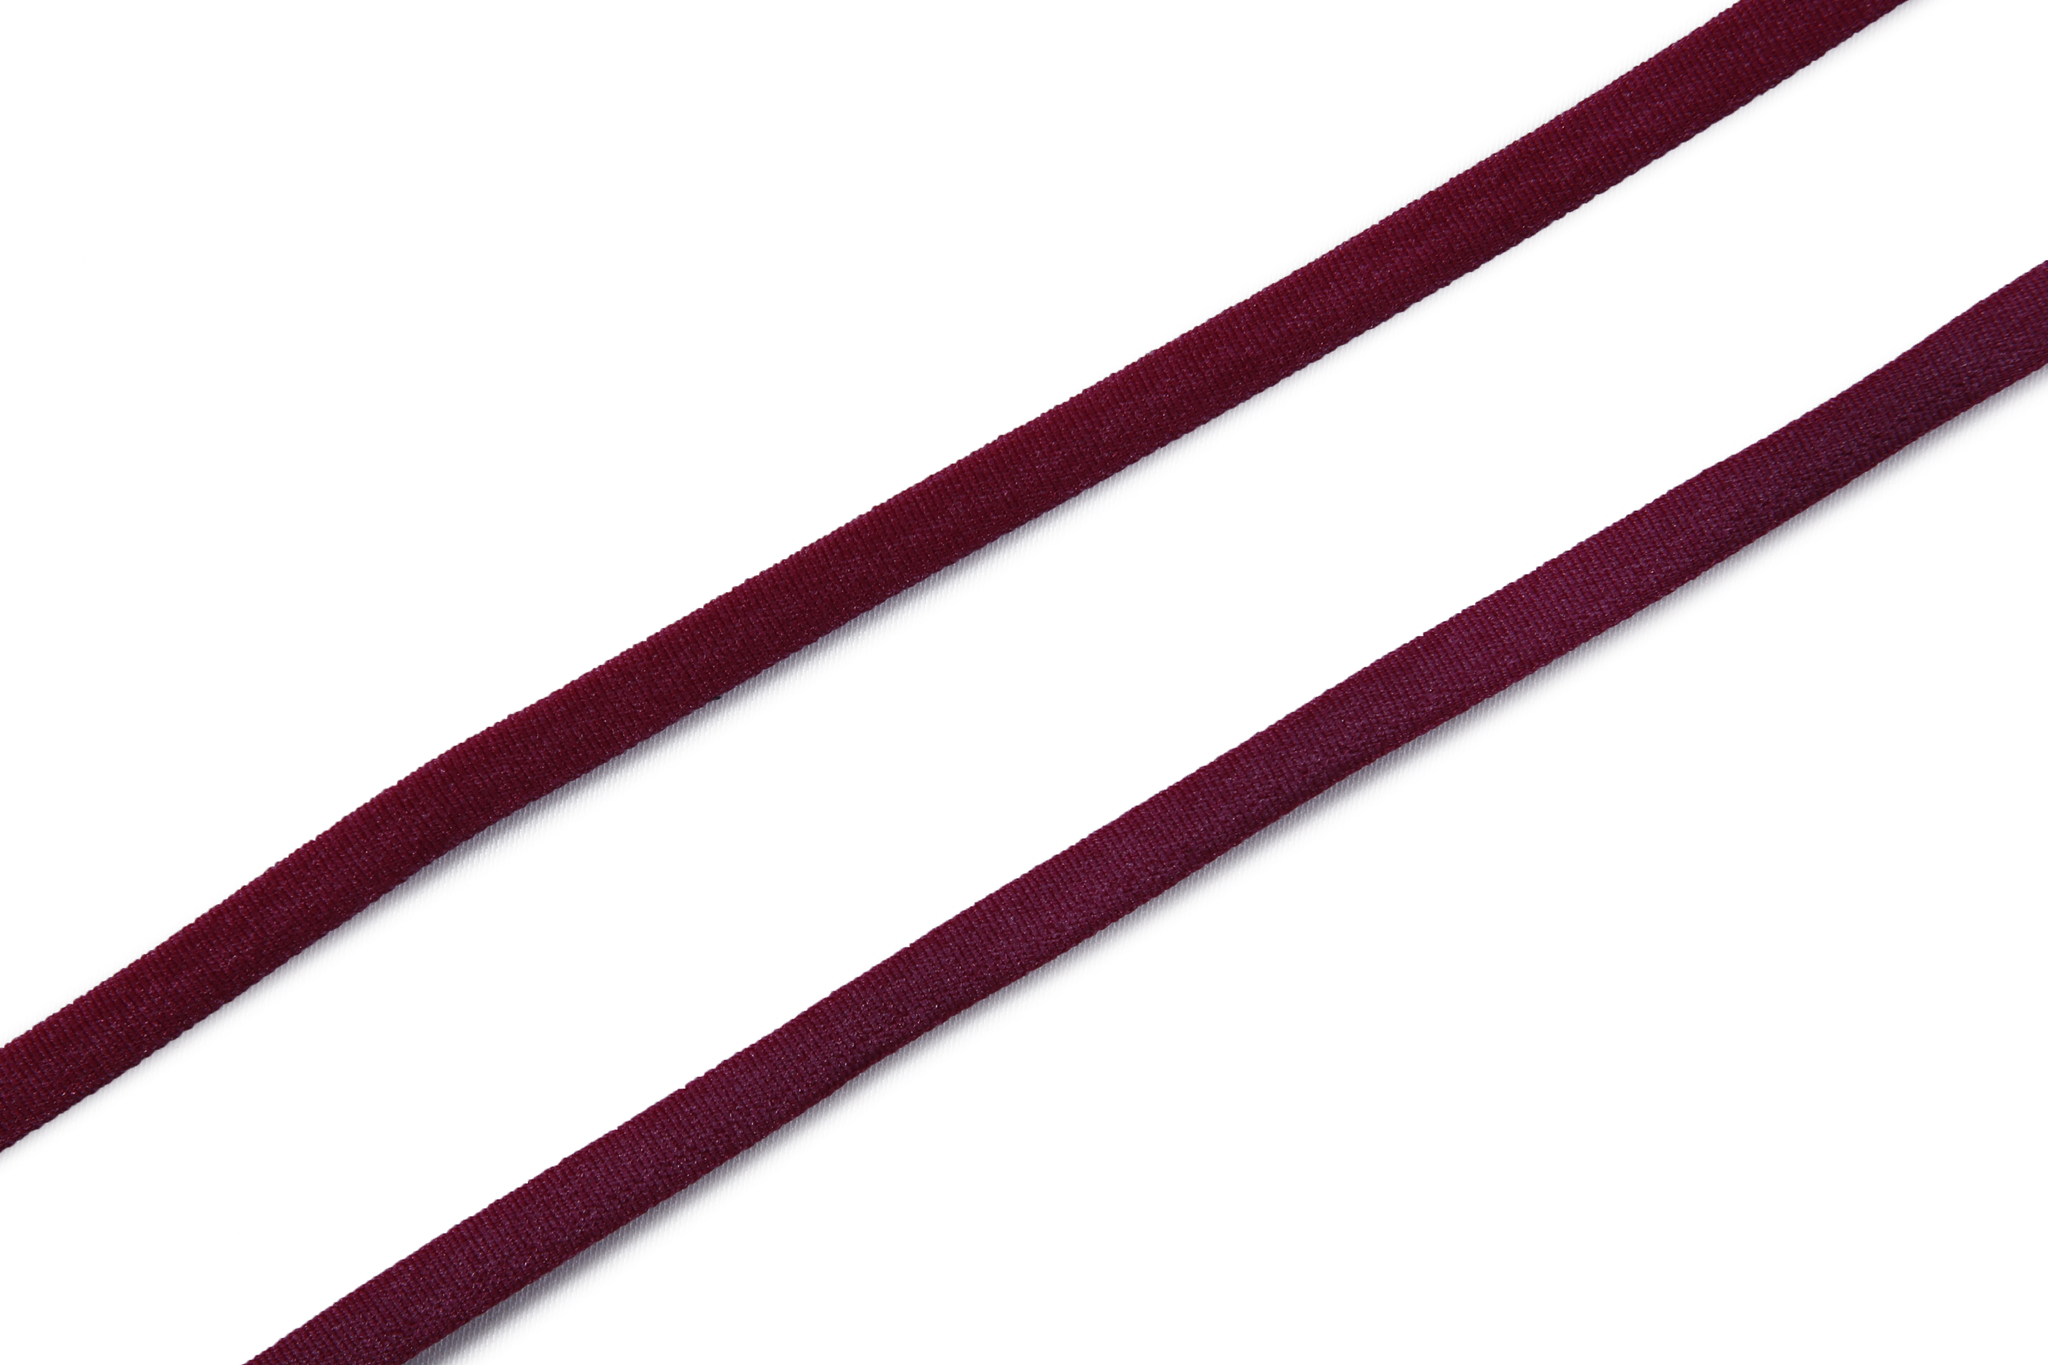 Резинка бретелечная 6 мм жемчужная ткань с глиттером